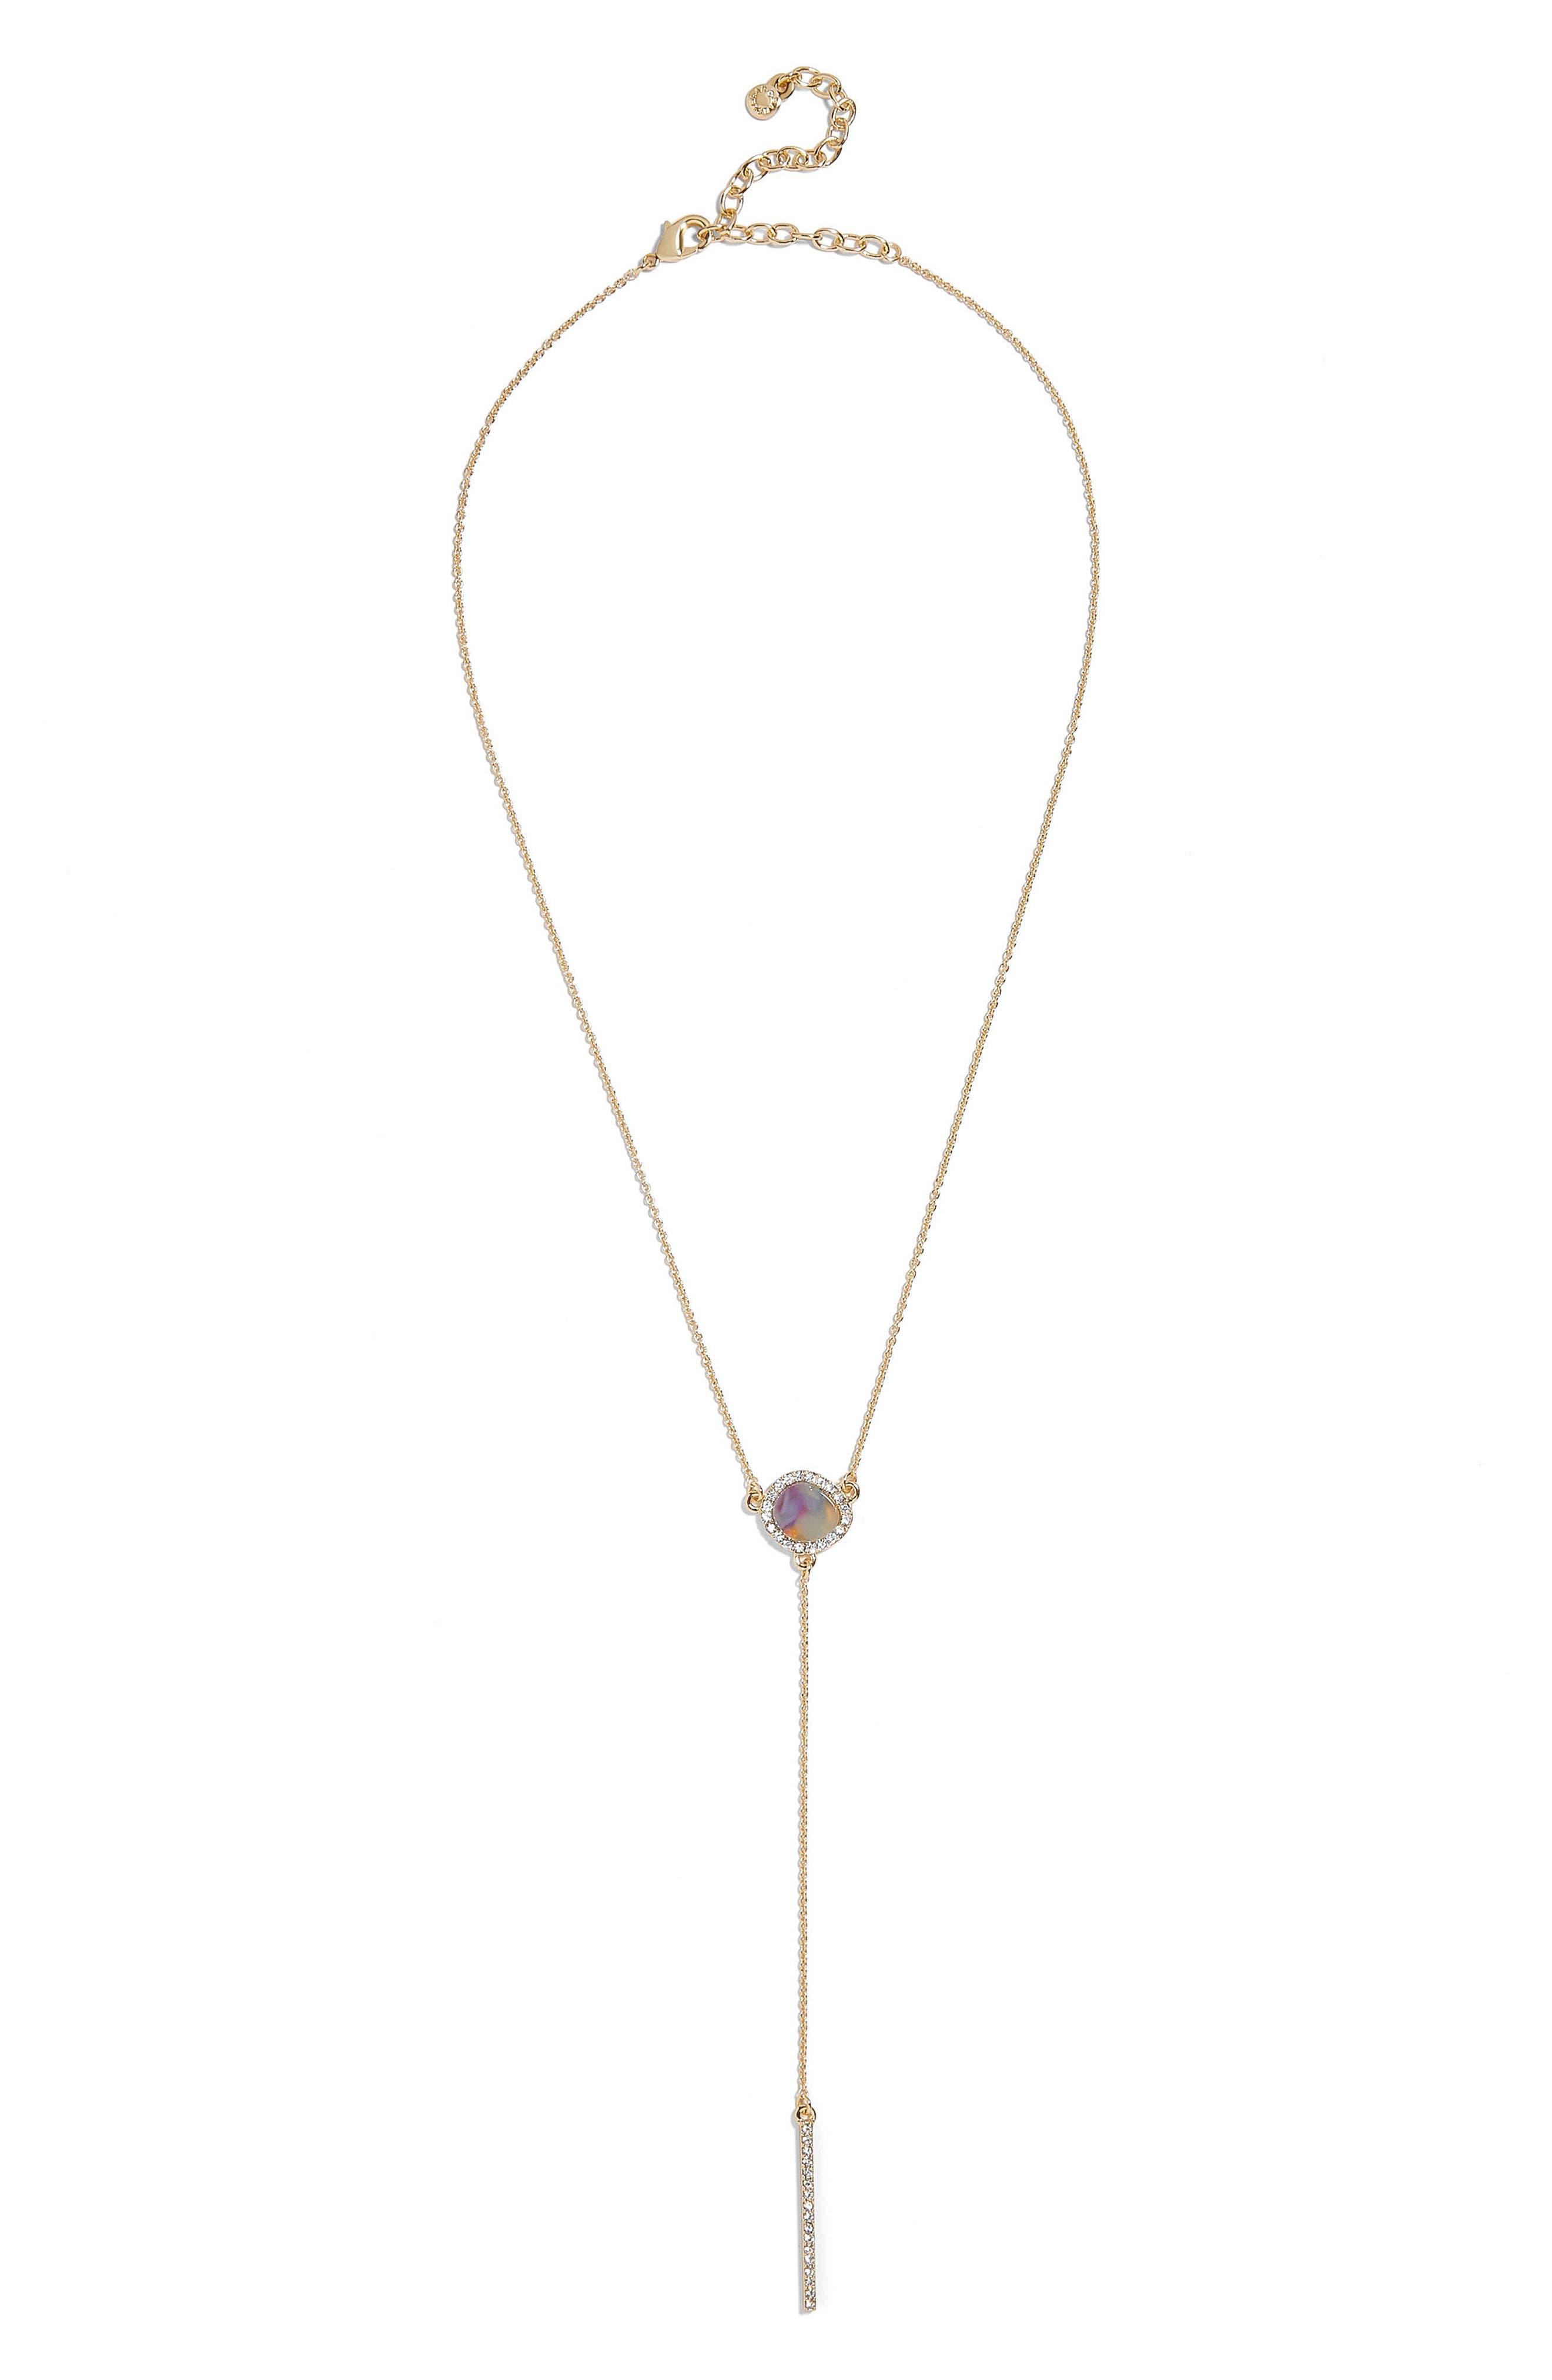 Elsha Chain Y-Necklace,                             Alternate thumbnail 2, color,                             Blush